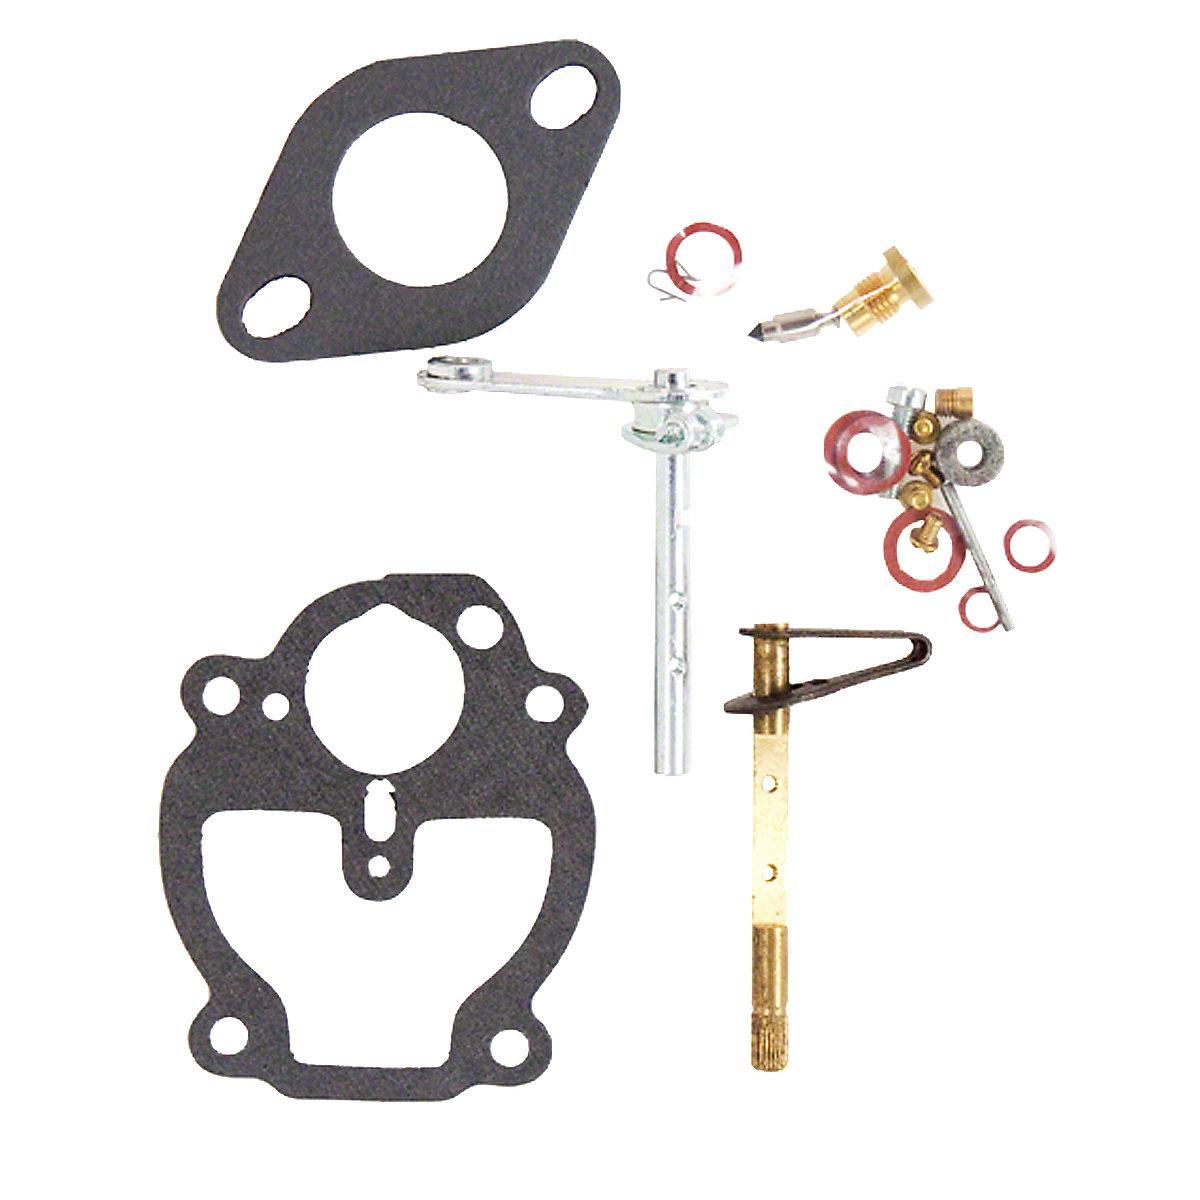 ACS1385 - Complete Zenith Carburetor Repair Kit